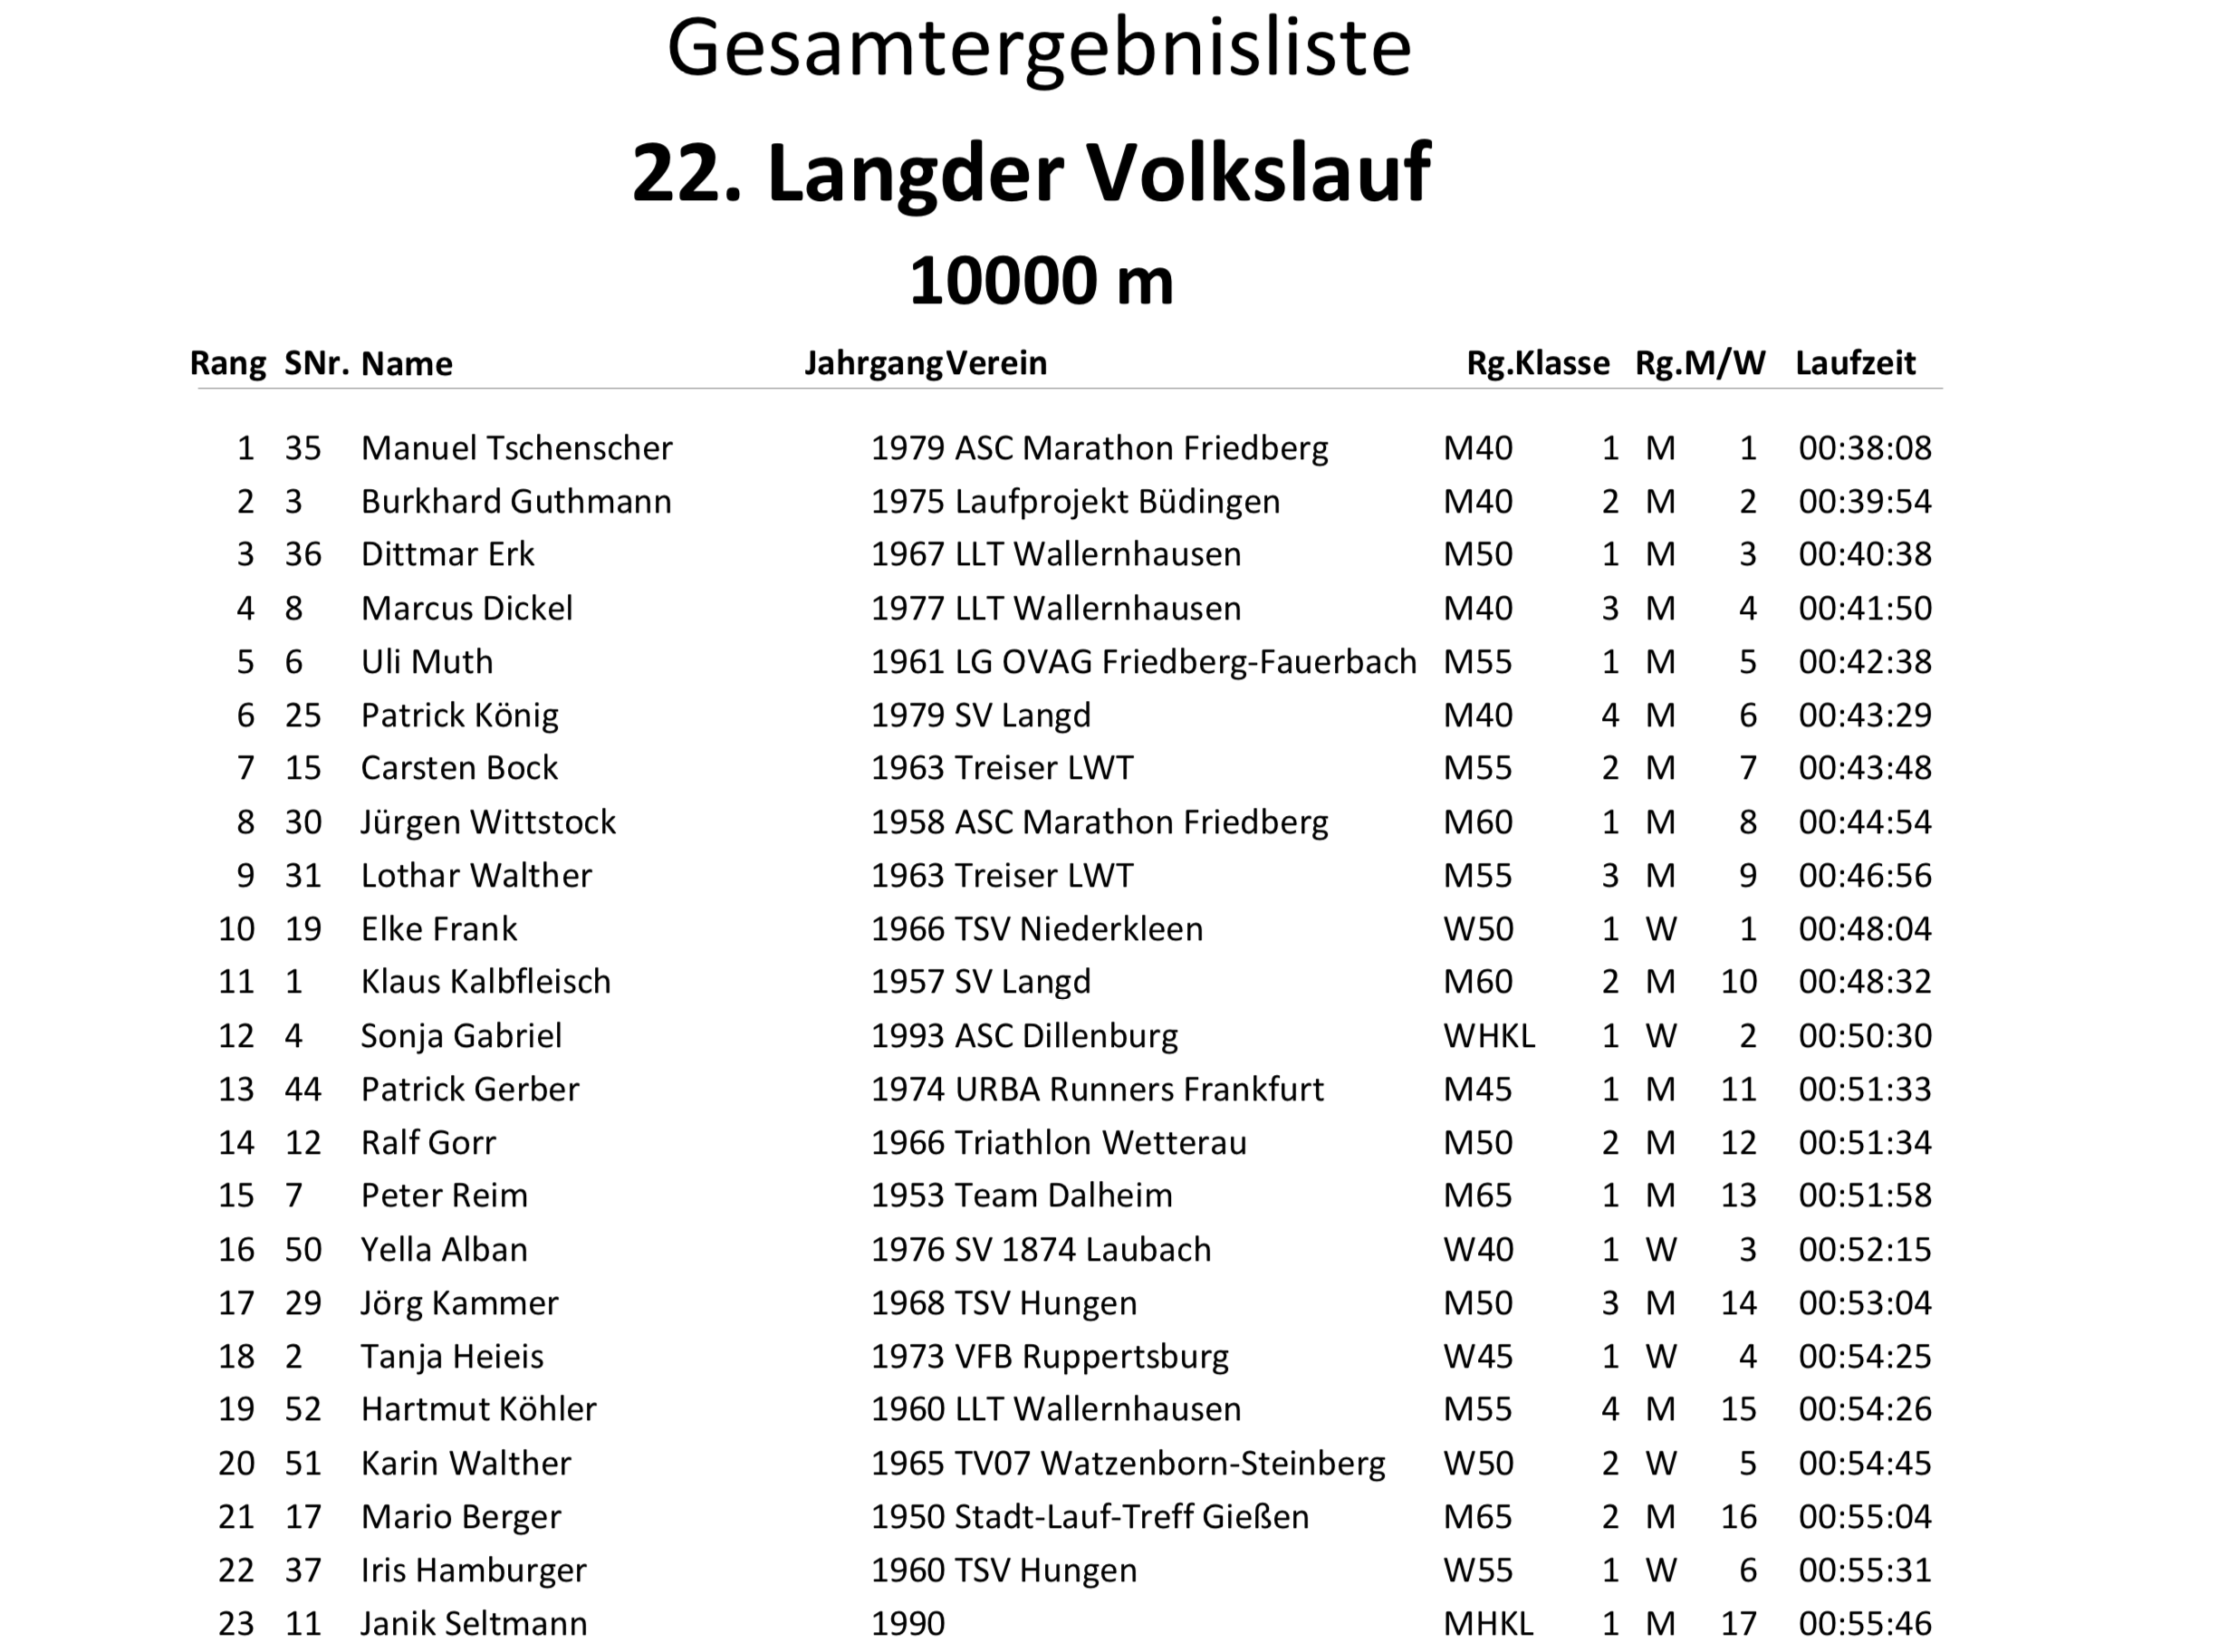 Gesamtergebnisliste 22. Langder Volkslauf 2019 Engel-Landschaftslauf-Cup 10000m